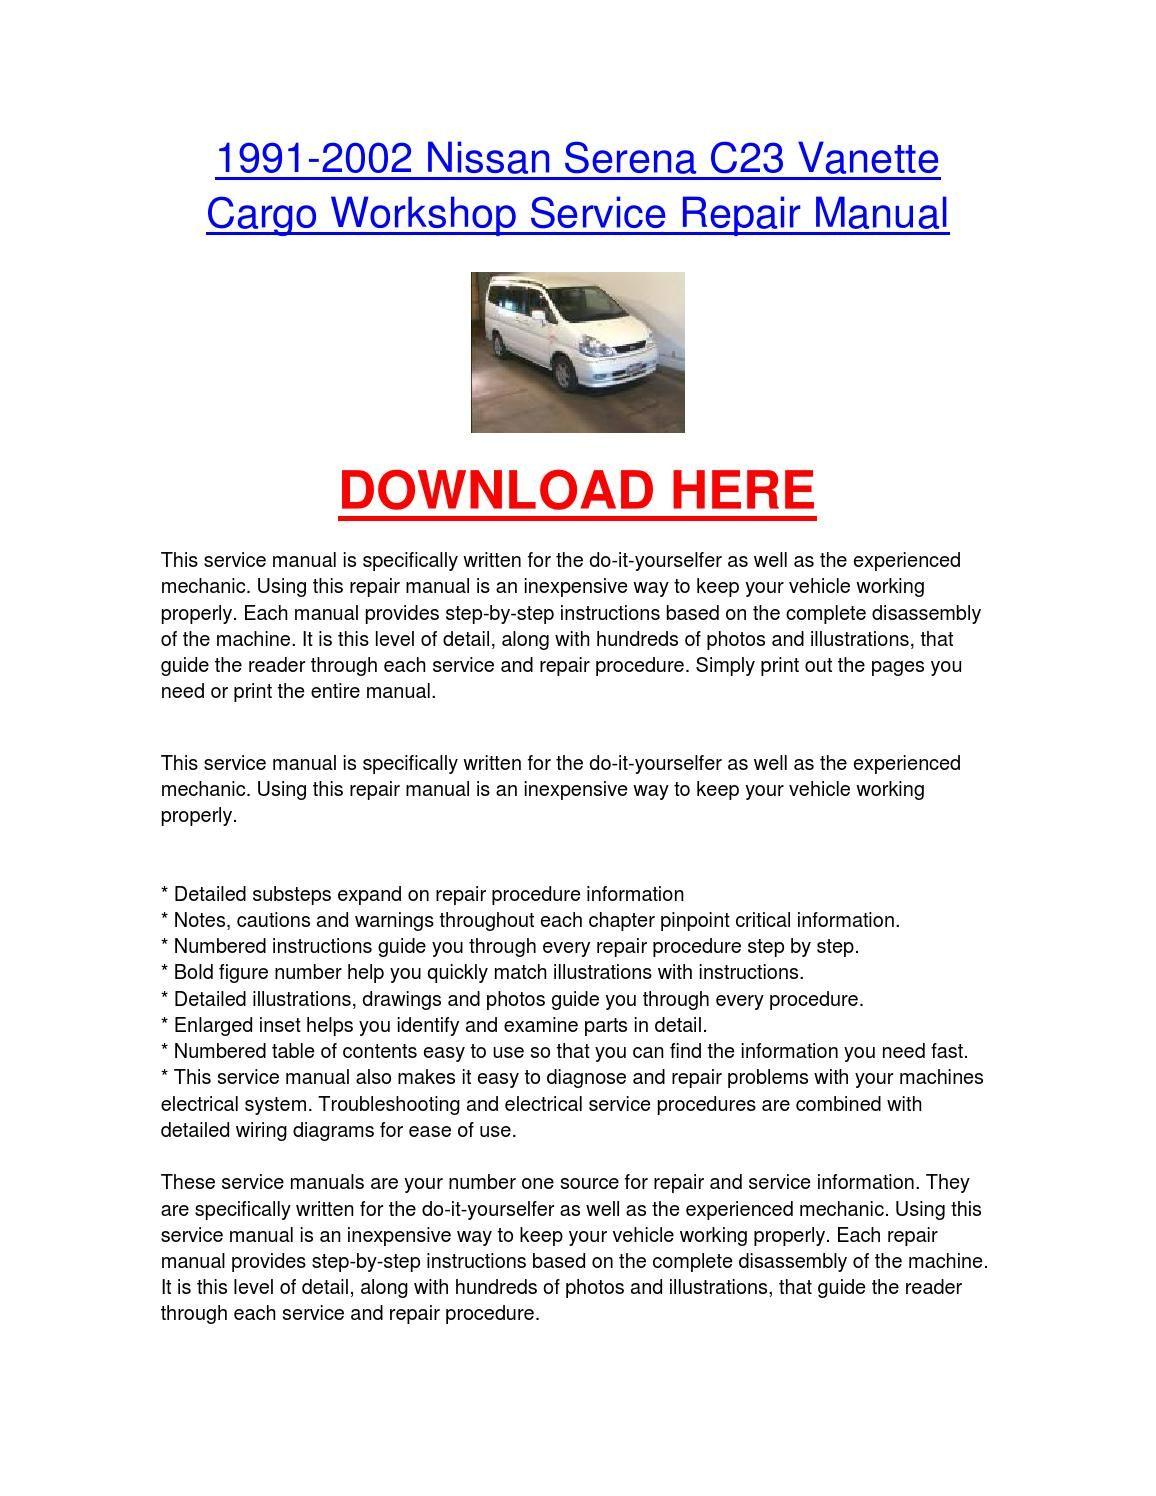 nissan serena c23 repair manual 9 chies pinterest repair rh in pinterest com nissan serena workshop manual free download nissan serena owners manual english